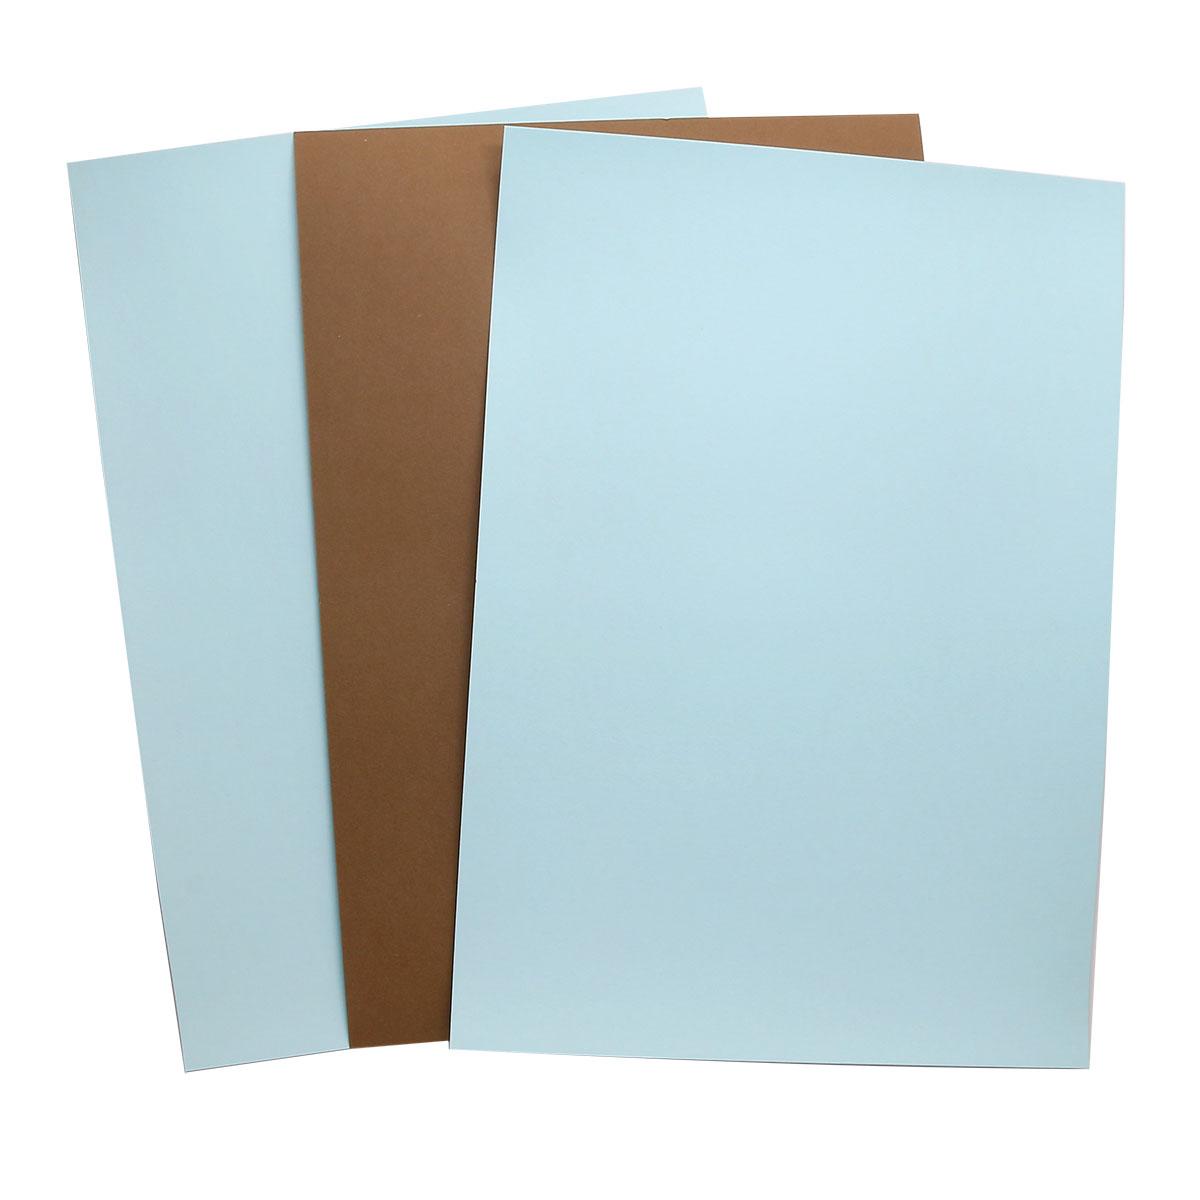 БД0004 Бумага двухсторонняя А4 КОМПЛЕКТ 3шт. Коричневый/Голубой